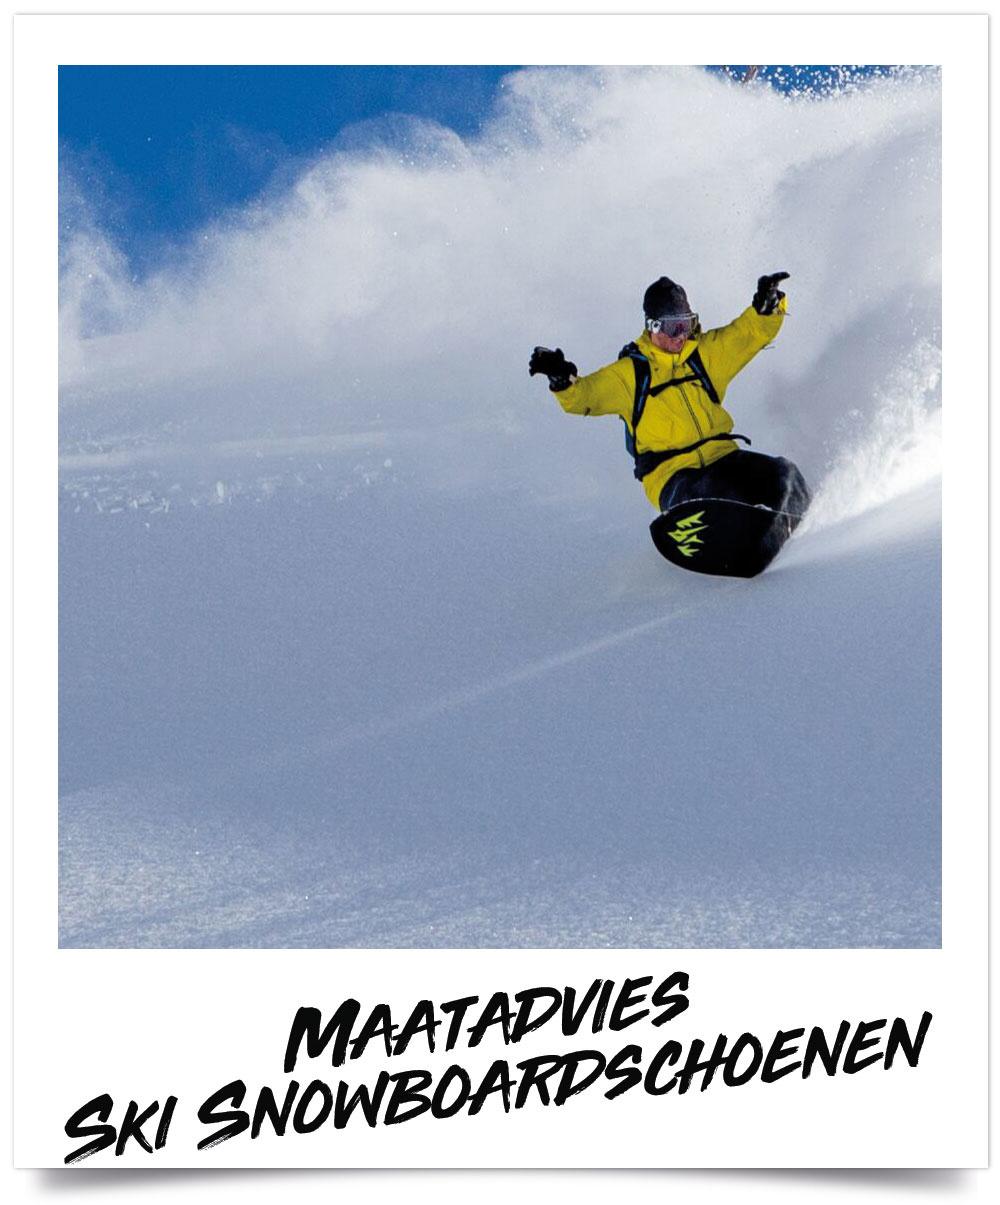 Maattabel Ski & Snowboardschoenen